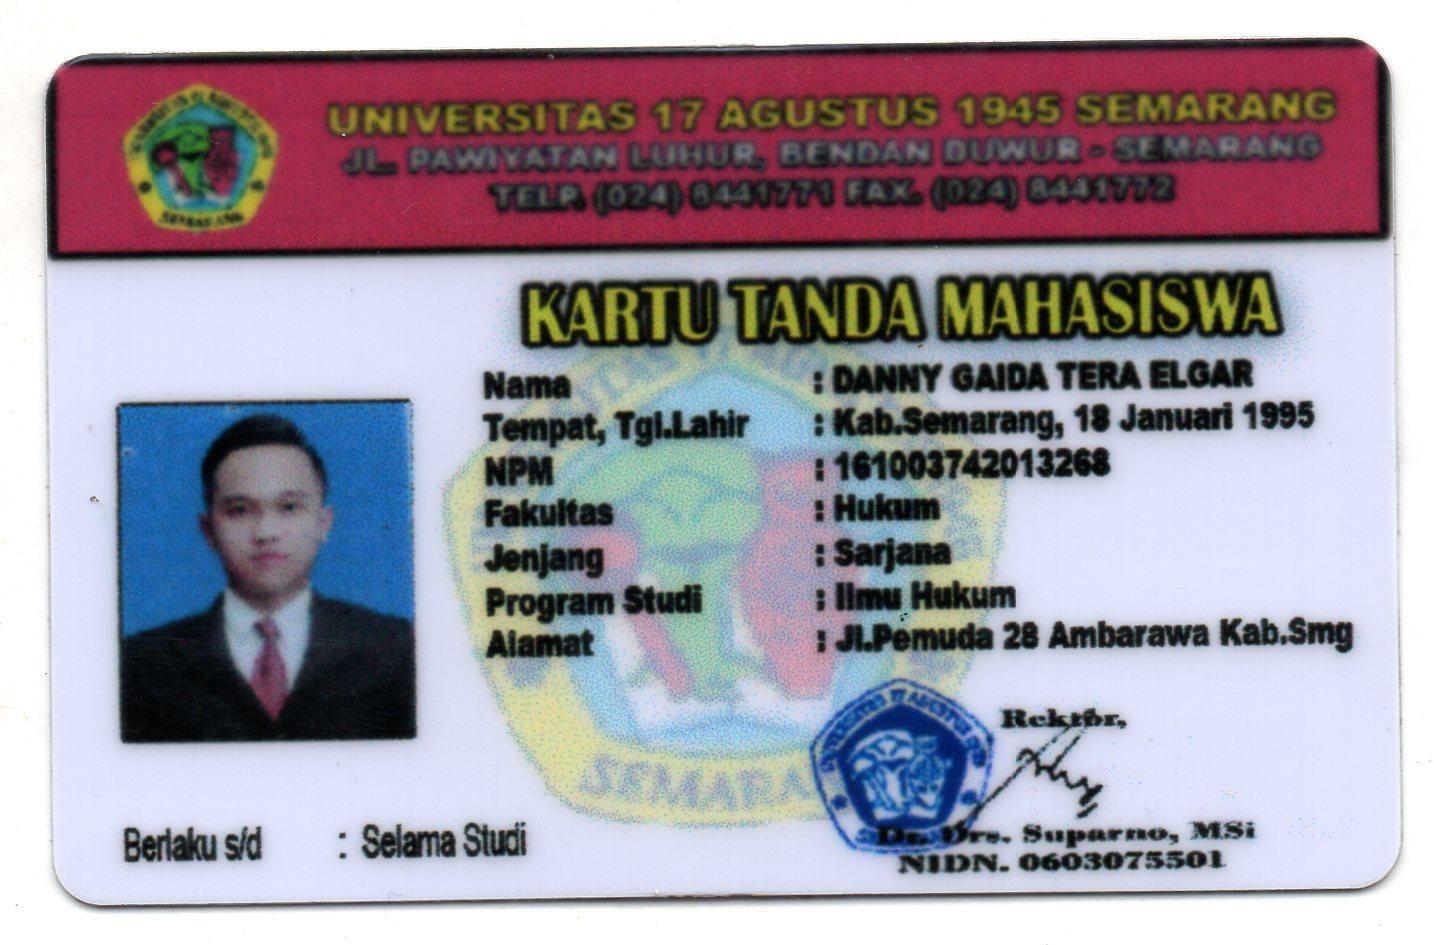 Kartu Tanda Mahasiswa (KTM) Fakultas Hukum Universitas 17 Agustus 1945 (UNTAG) Semarang